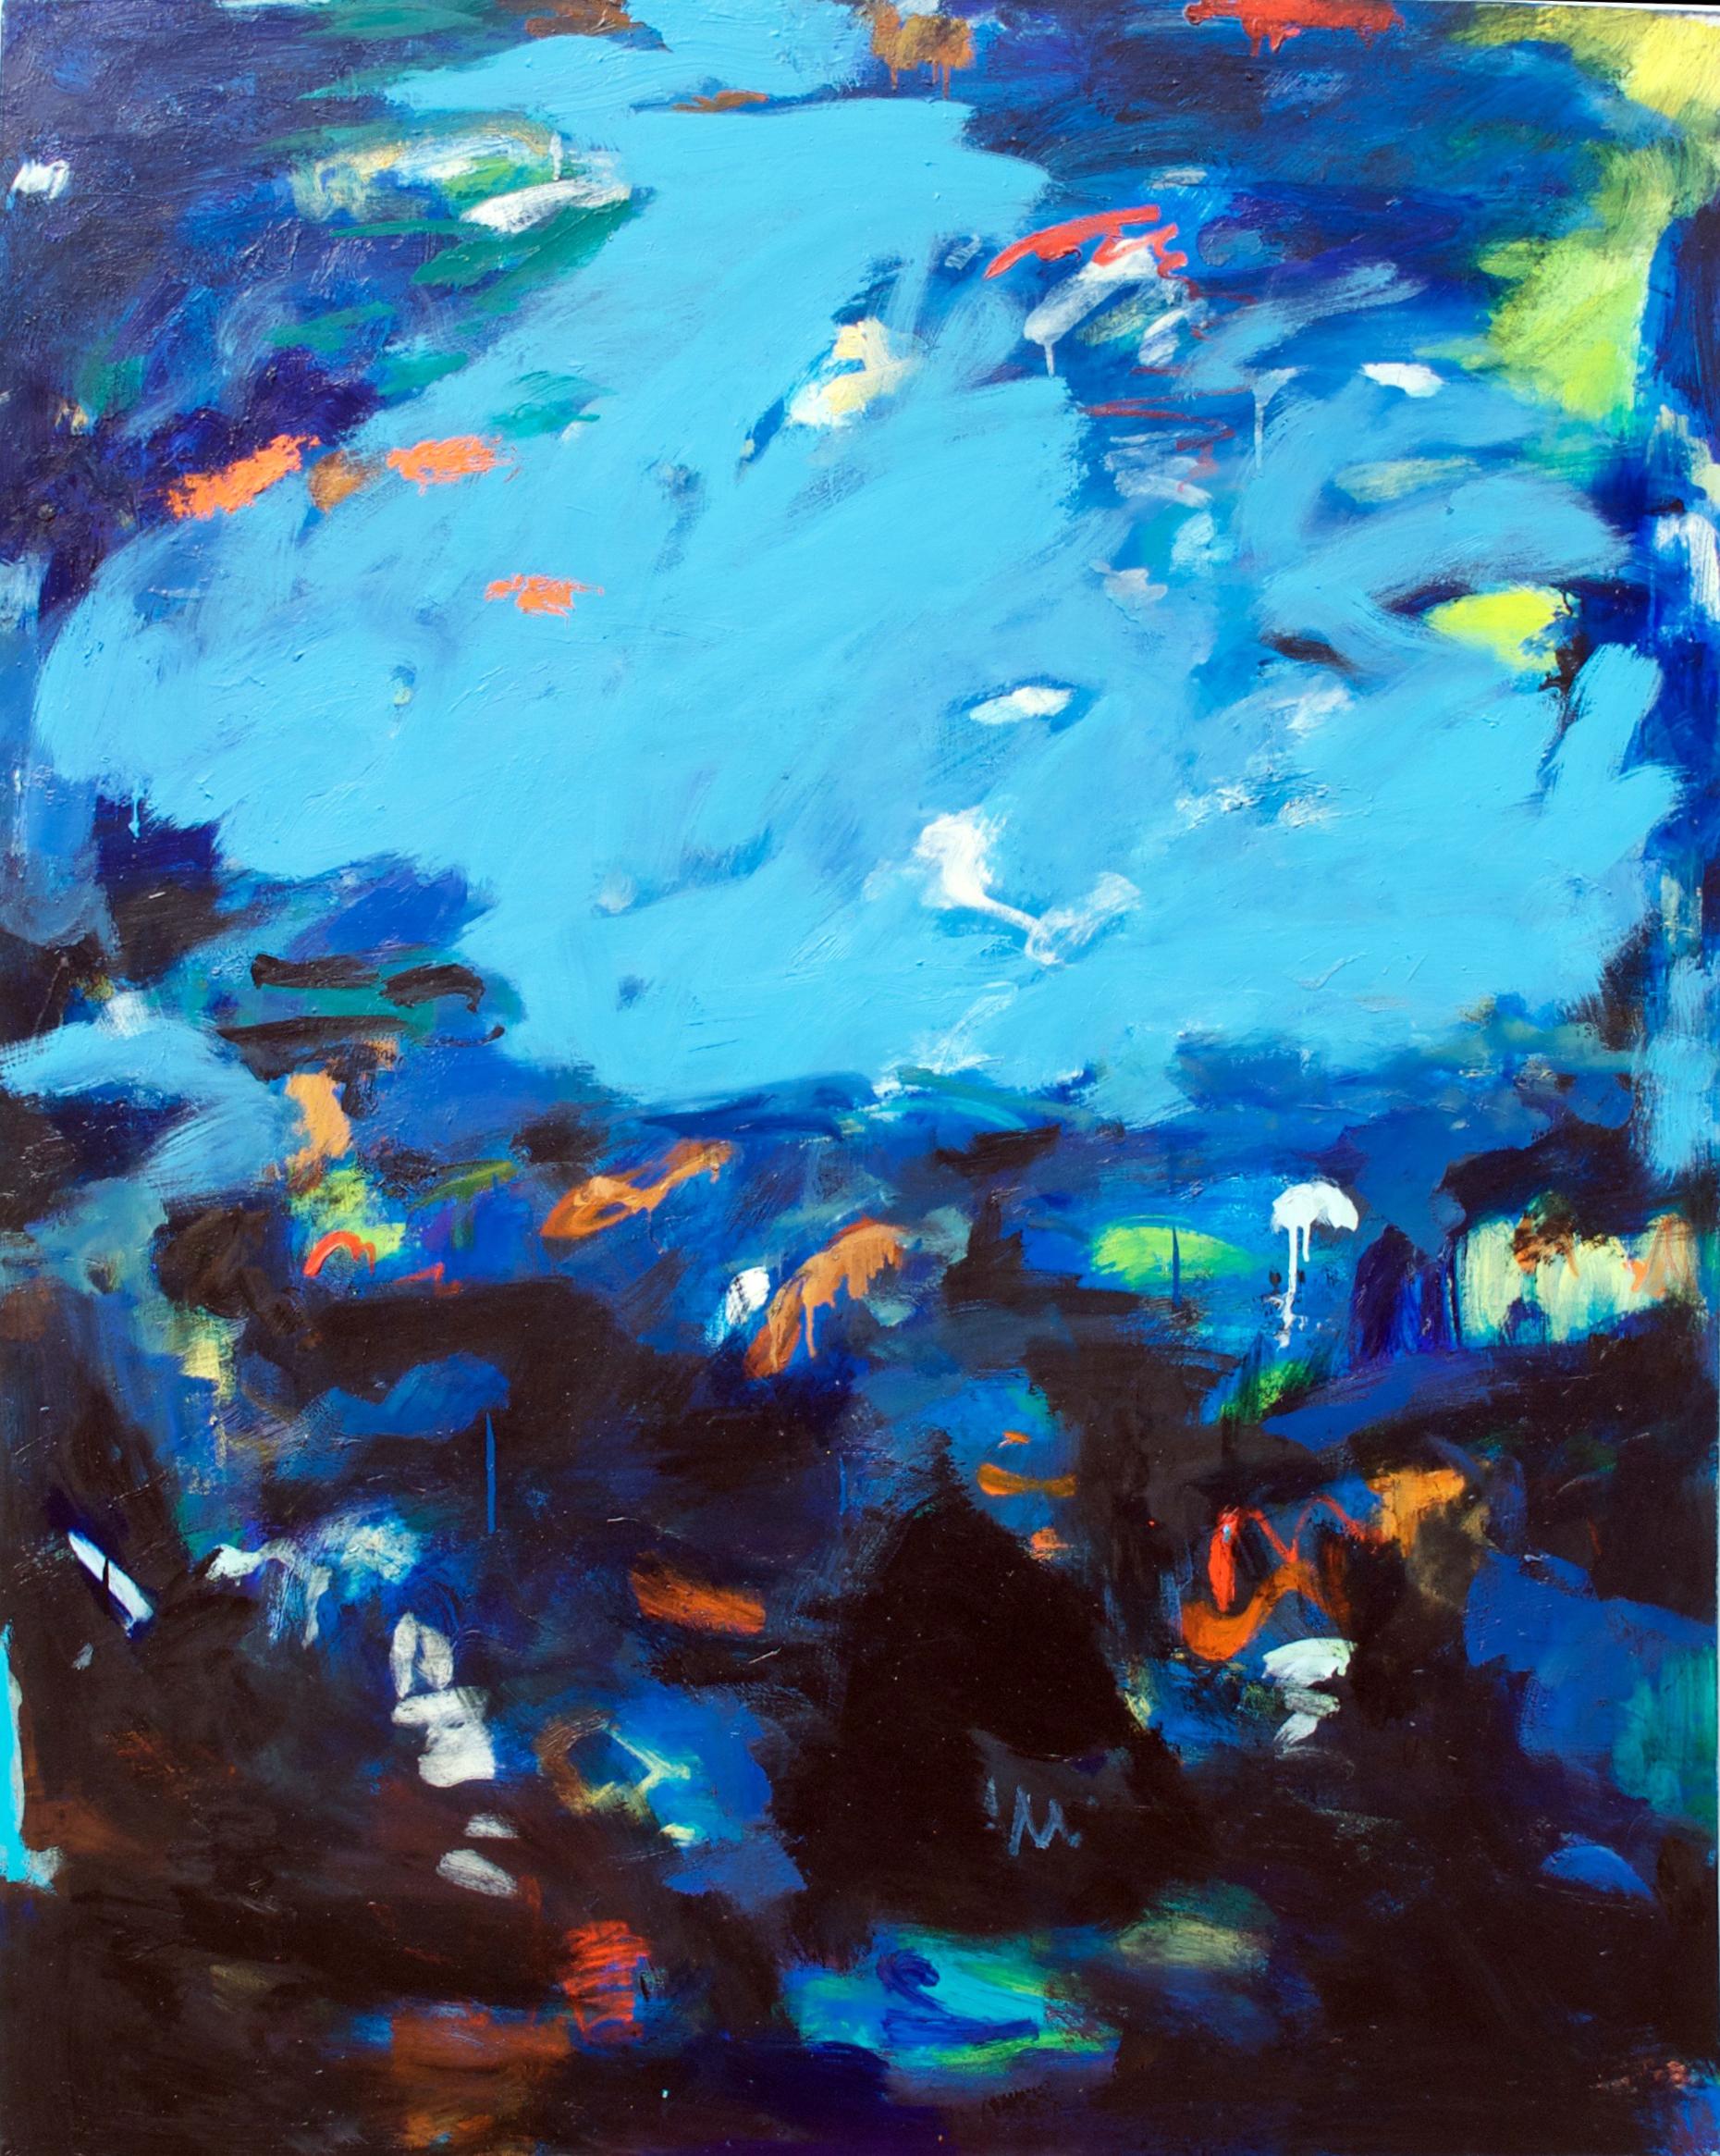 DIMINUENDO IN BLUE